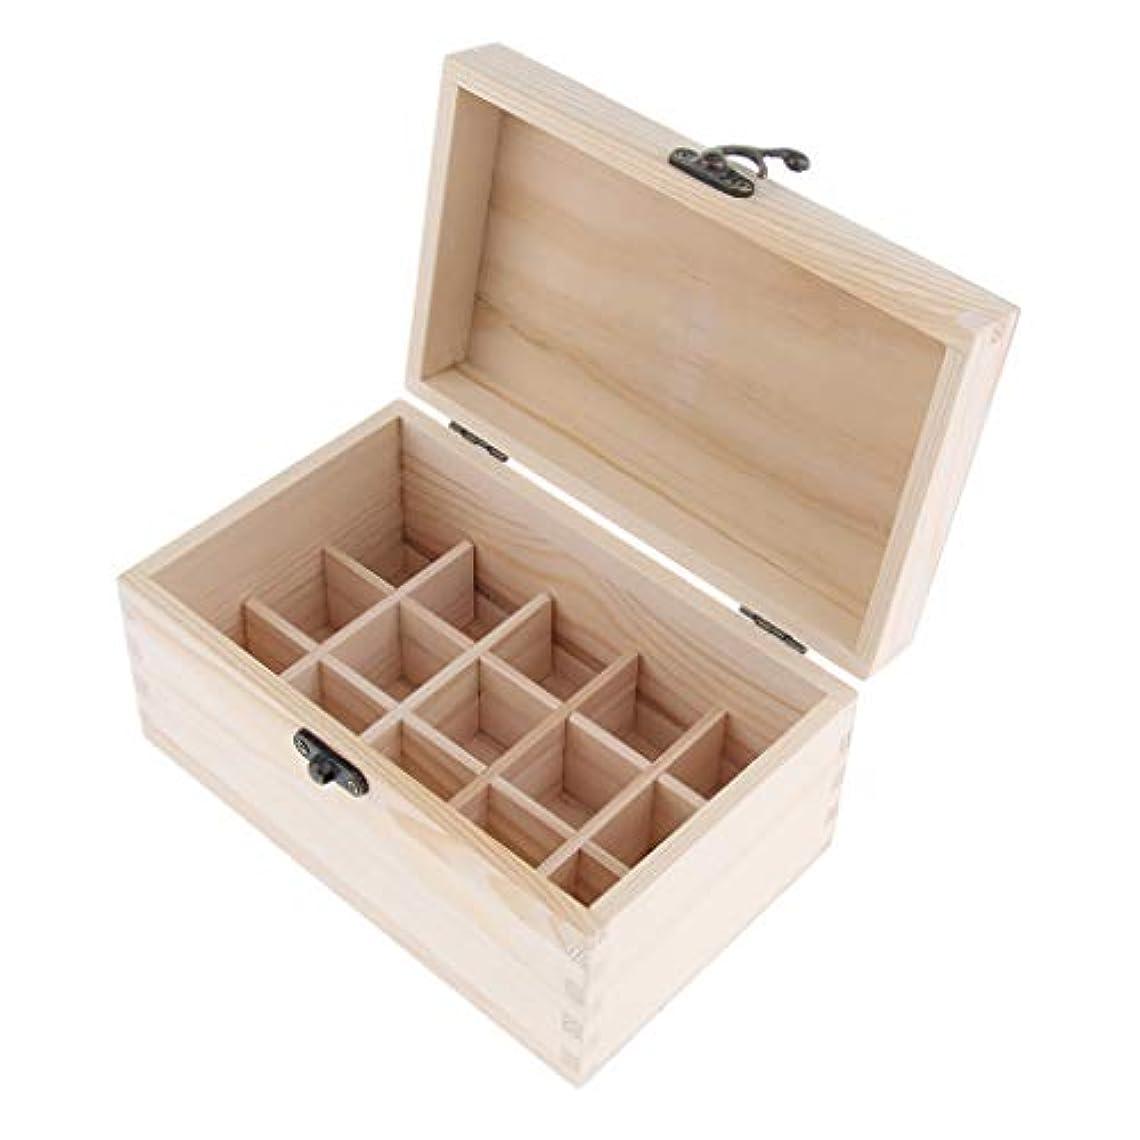 傾向があります毛細血管差別的chiwanji 精油ケース 化粧品収納ボックス 15仕切り 木製 エッセンシャルオイル コンパクト 携帯便利 実用性